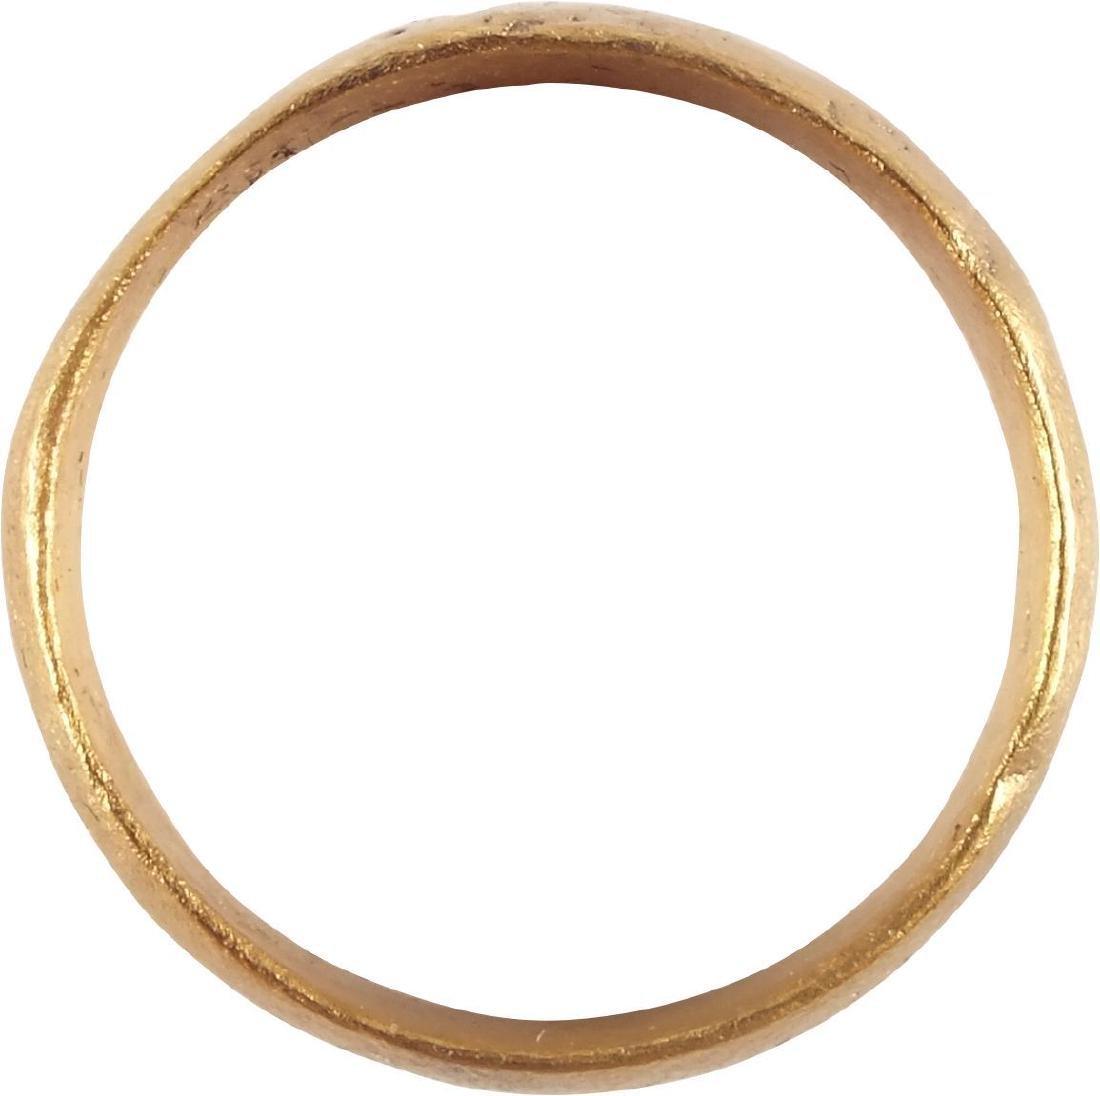 ANCIENT VIKING MAN'S WEDDING RING C.850-1050 AD - 2